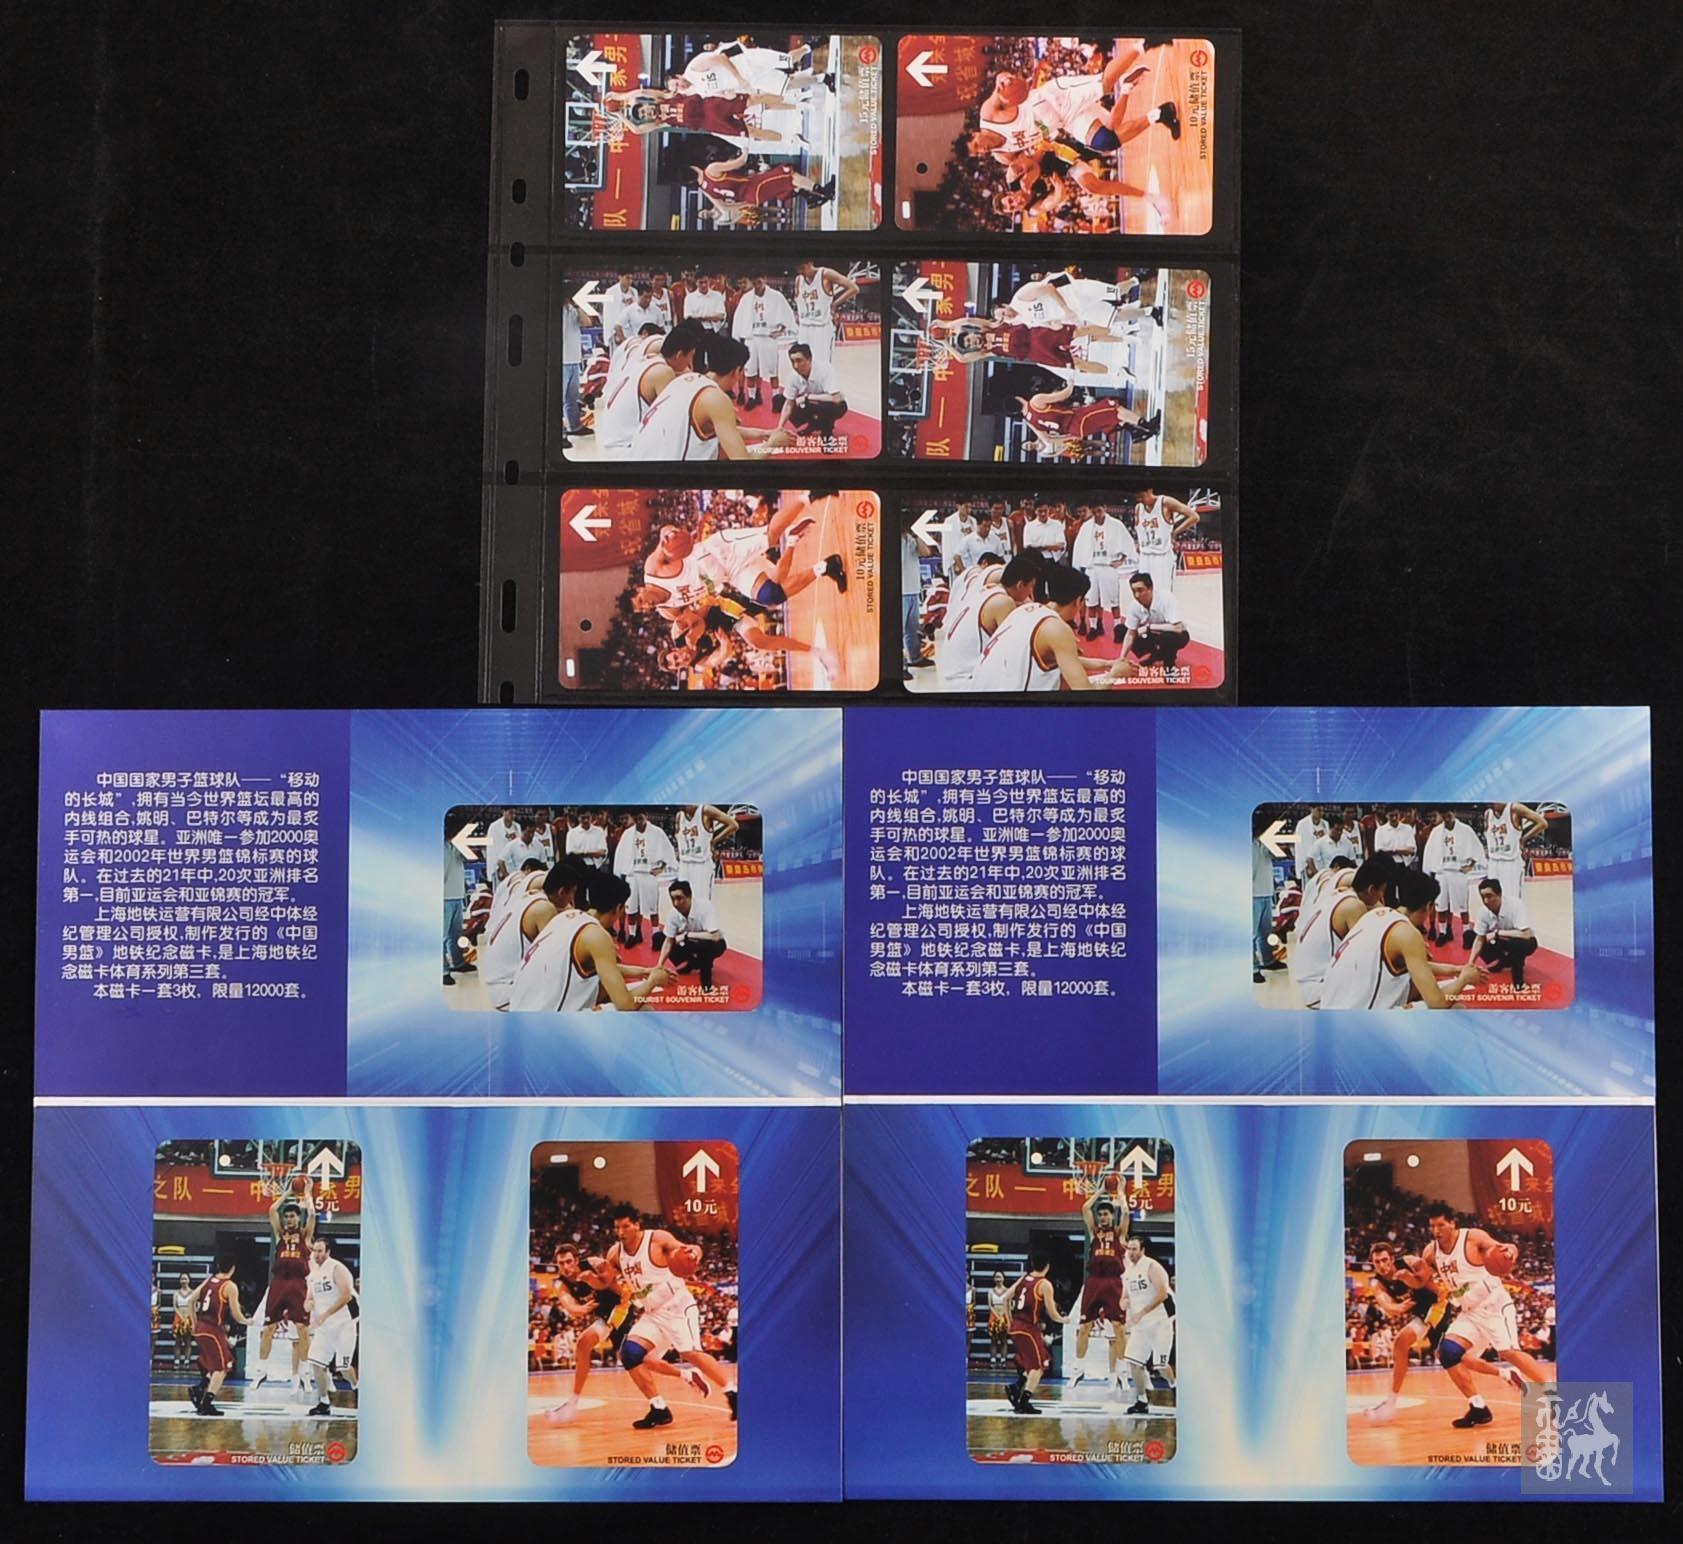 中国国家男子篮球队上海地铁纪念磁卡二套(带册)无